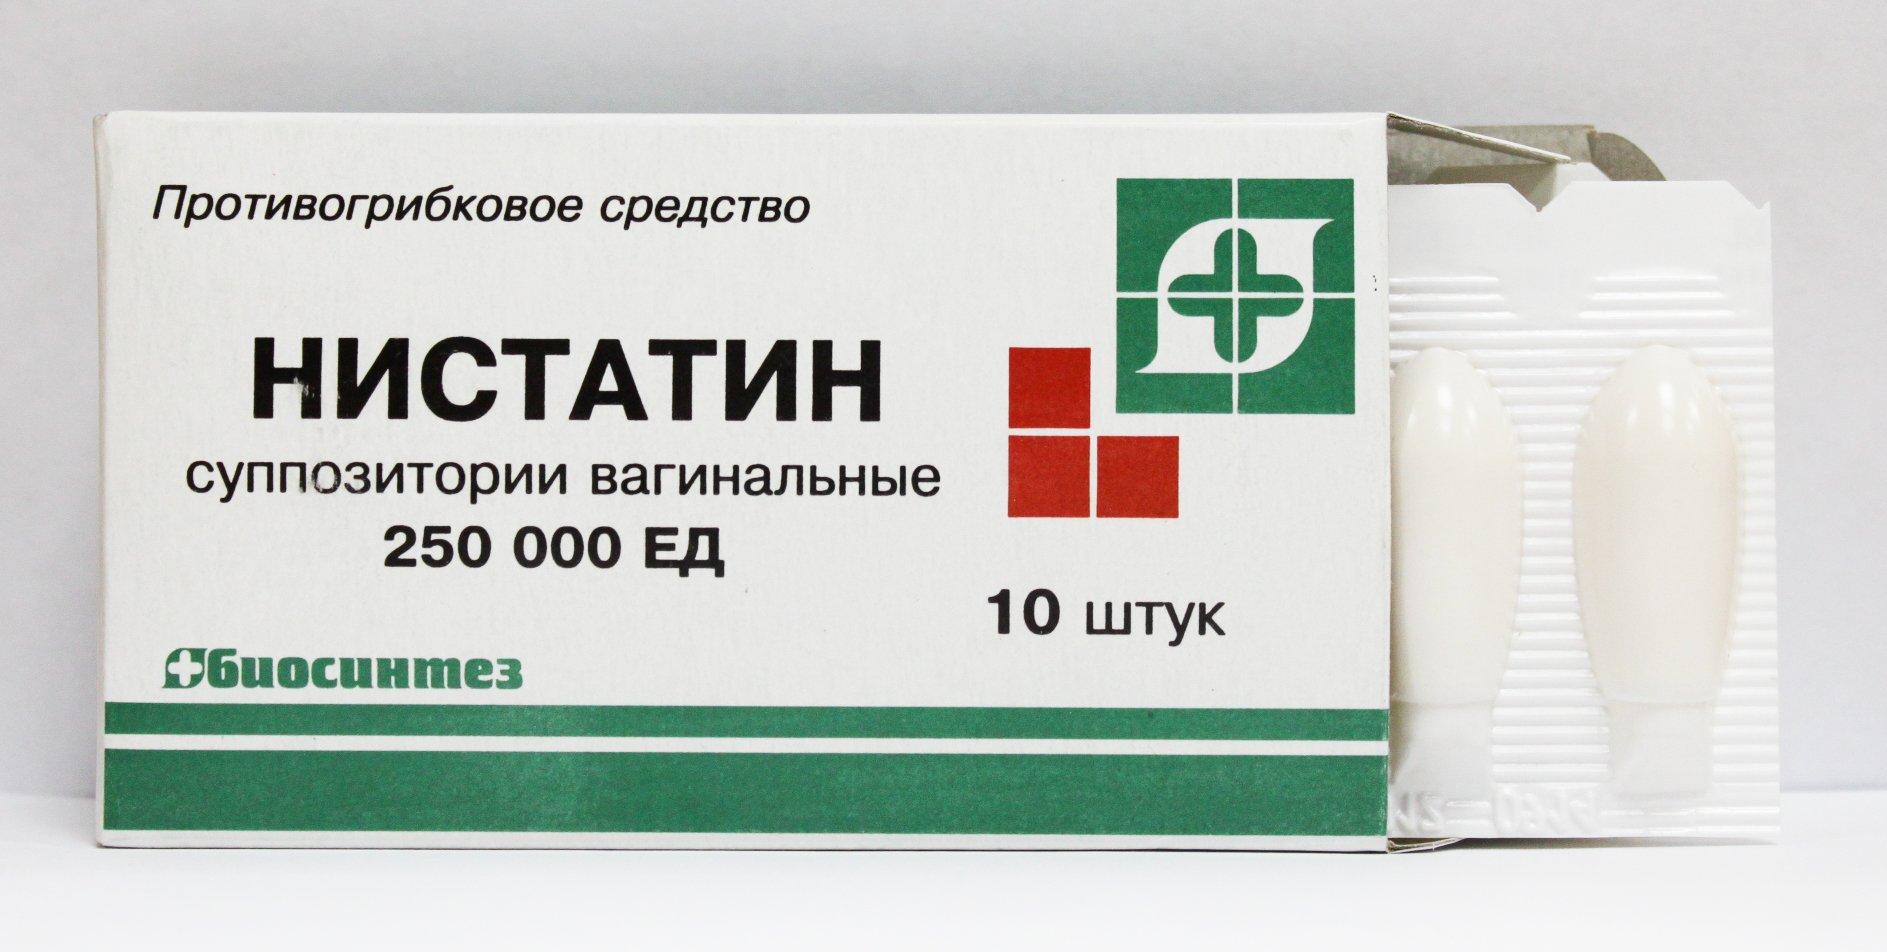 Нистатин при беременности: запрещён инструкцией, но рекомендован врачами